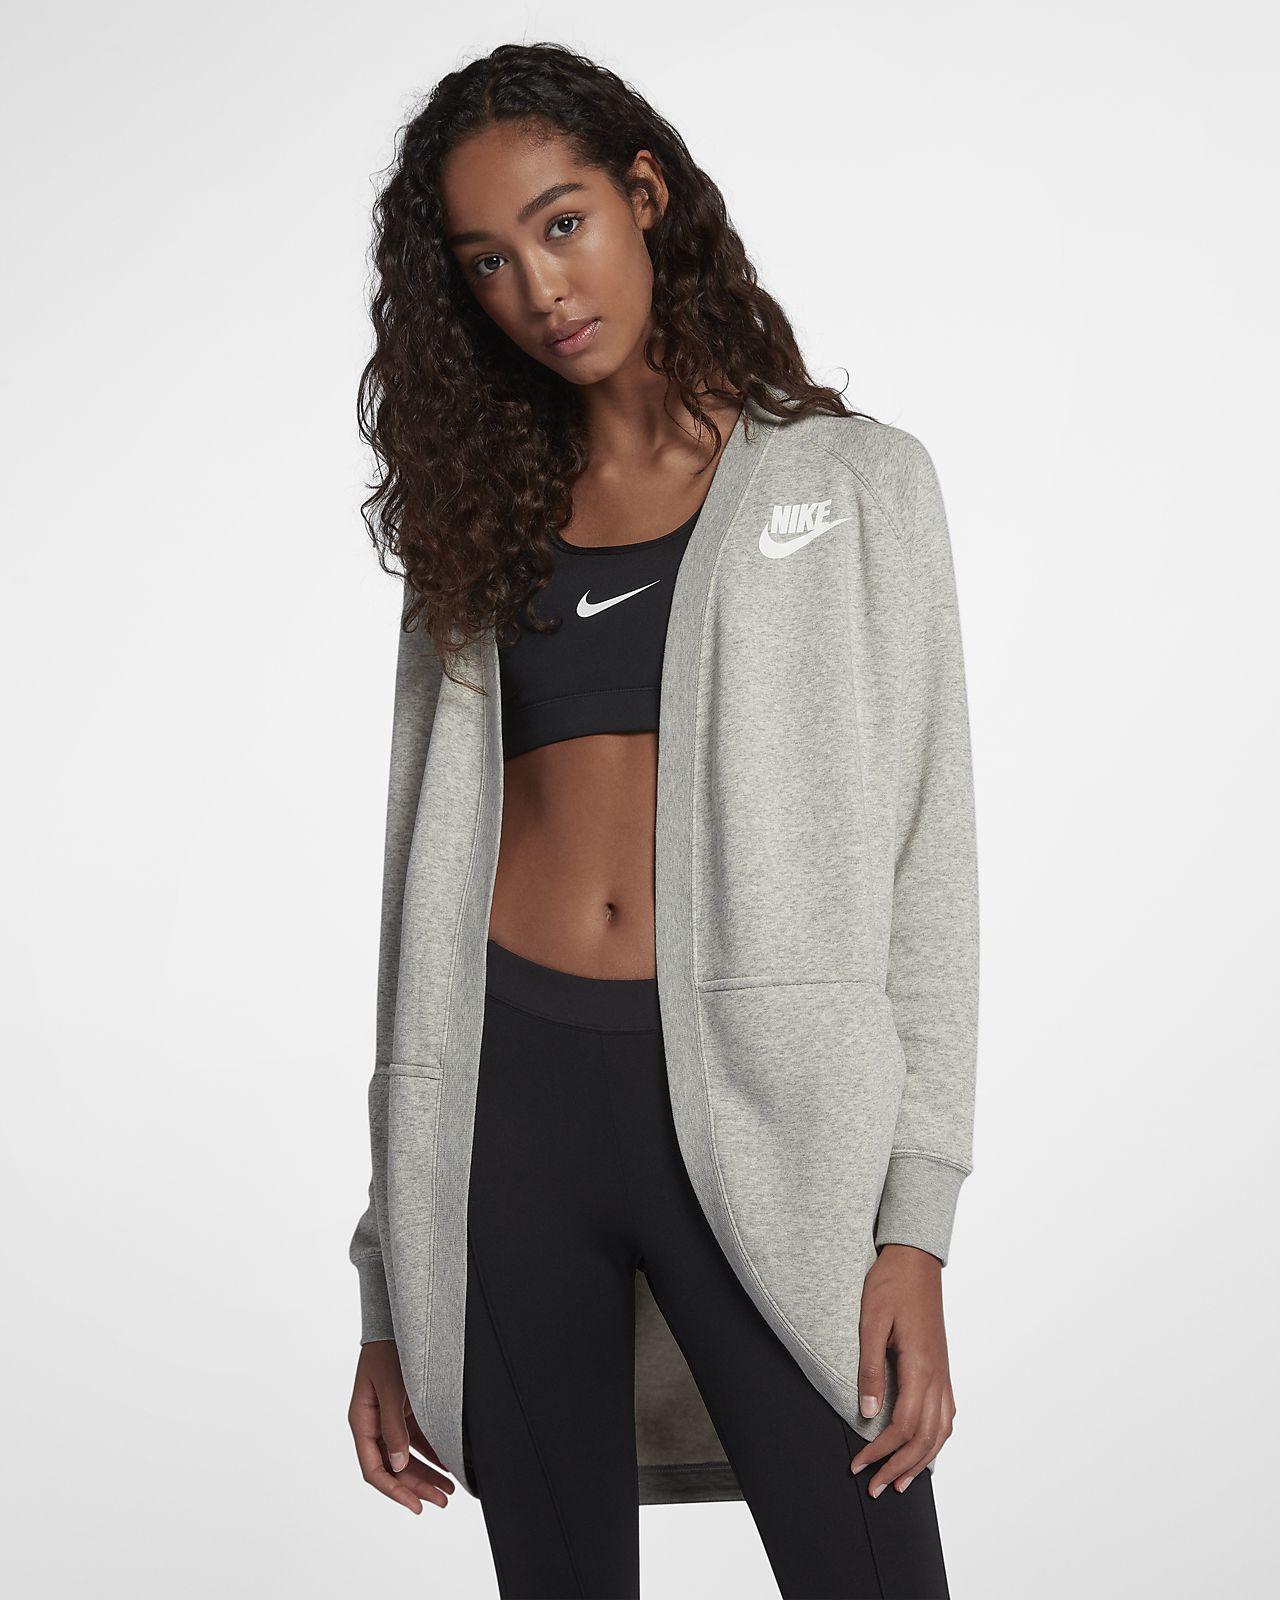 f0dee6165b86 Low Resolution Nike Sportswear Rally Women s Cardigan Nike Sportswear Rally  Women s Cardigan